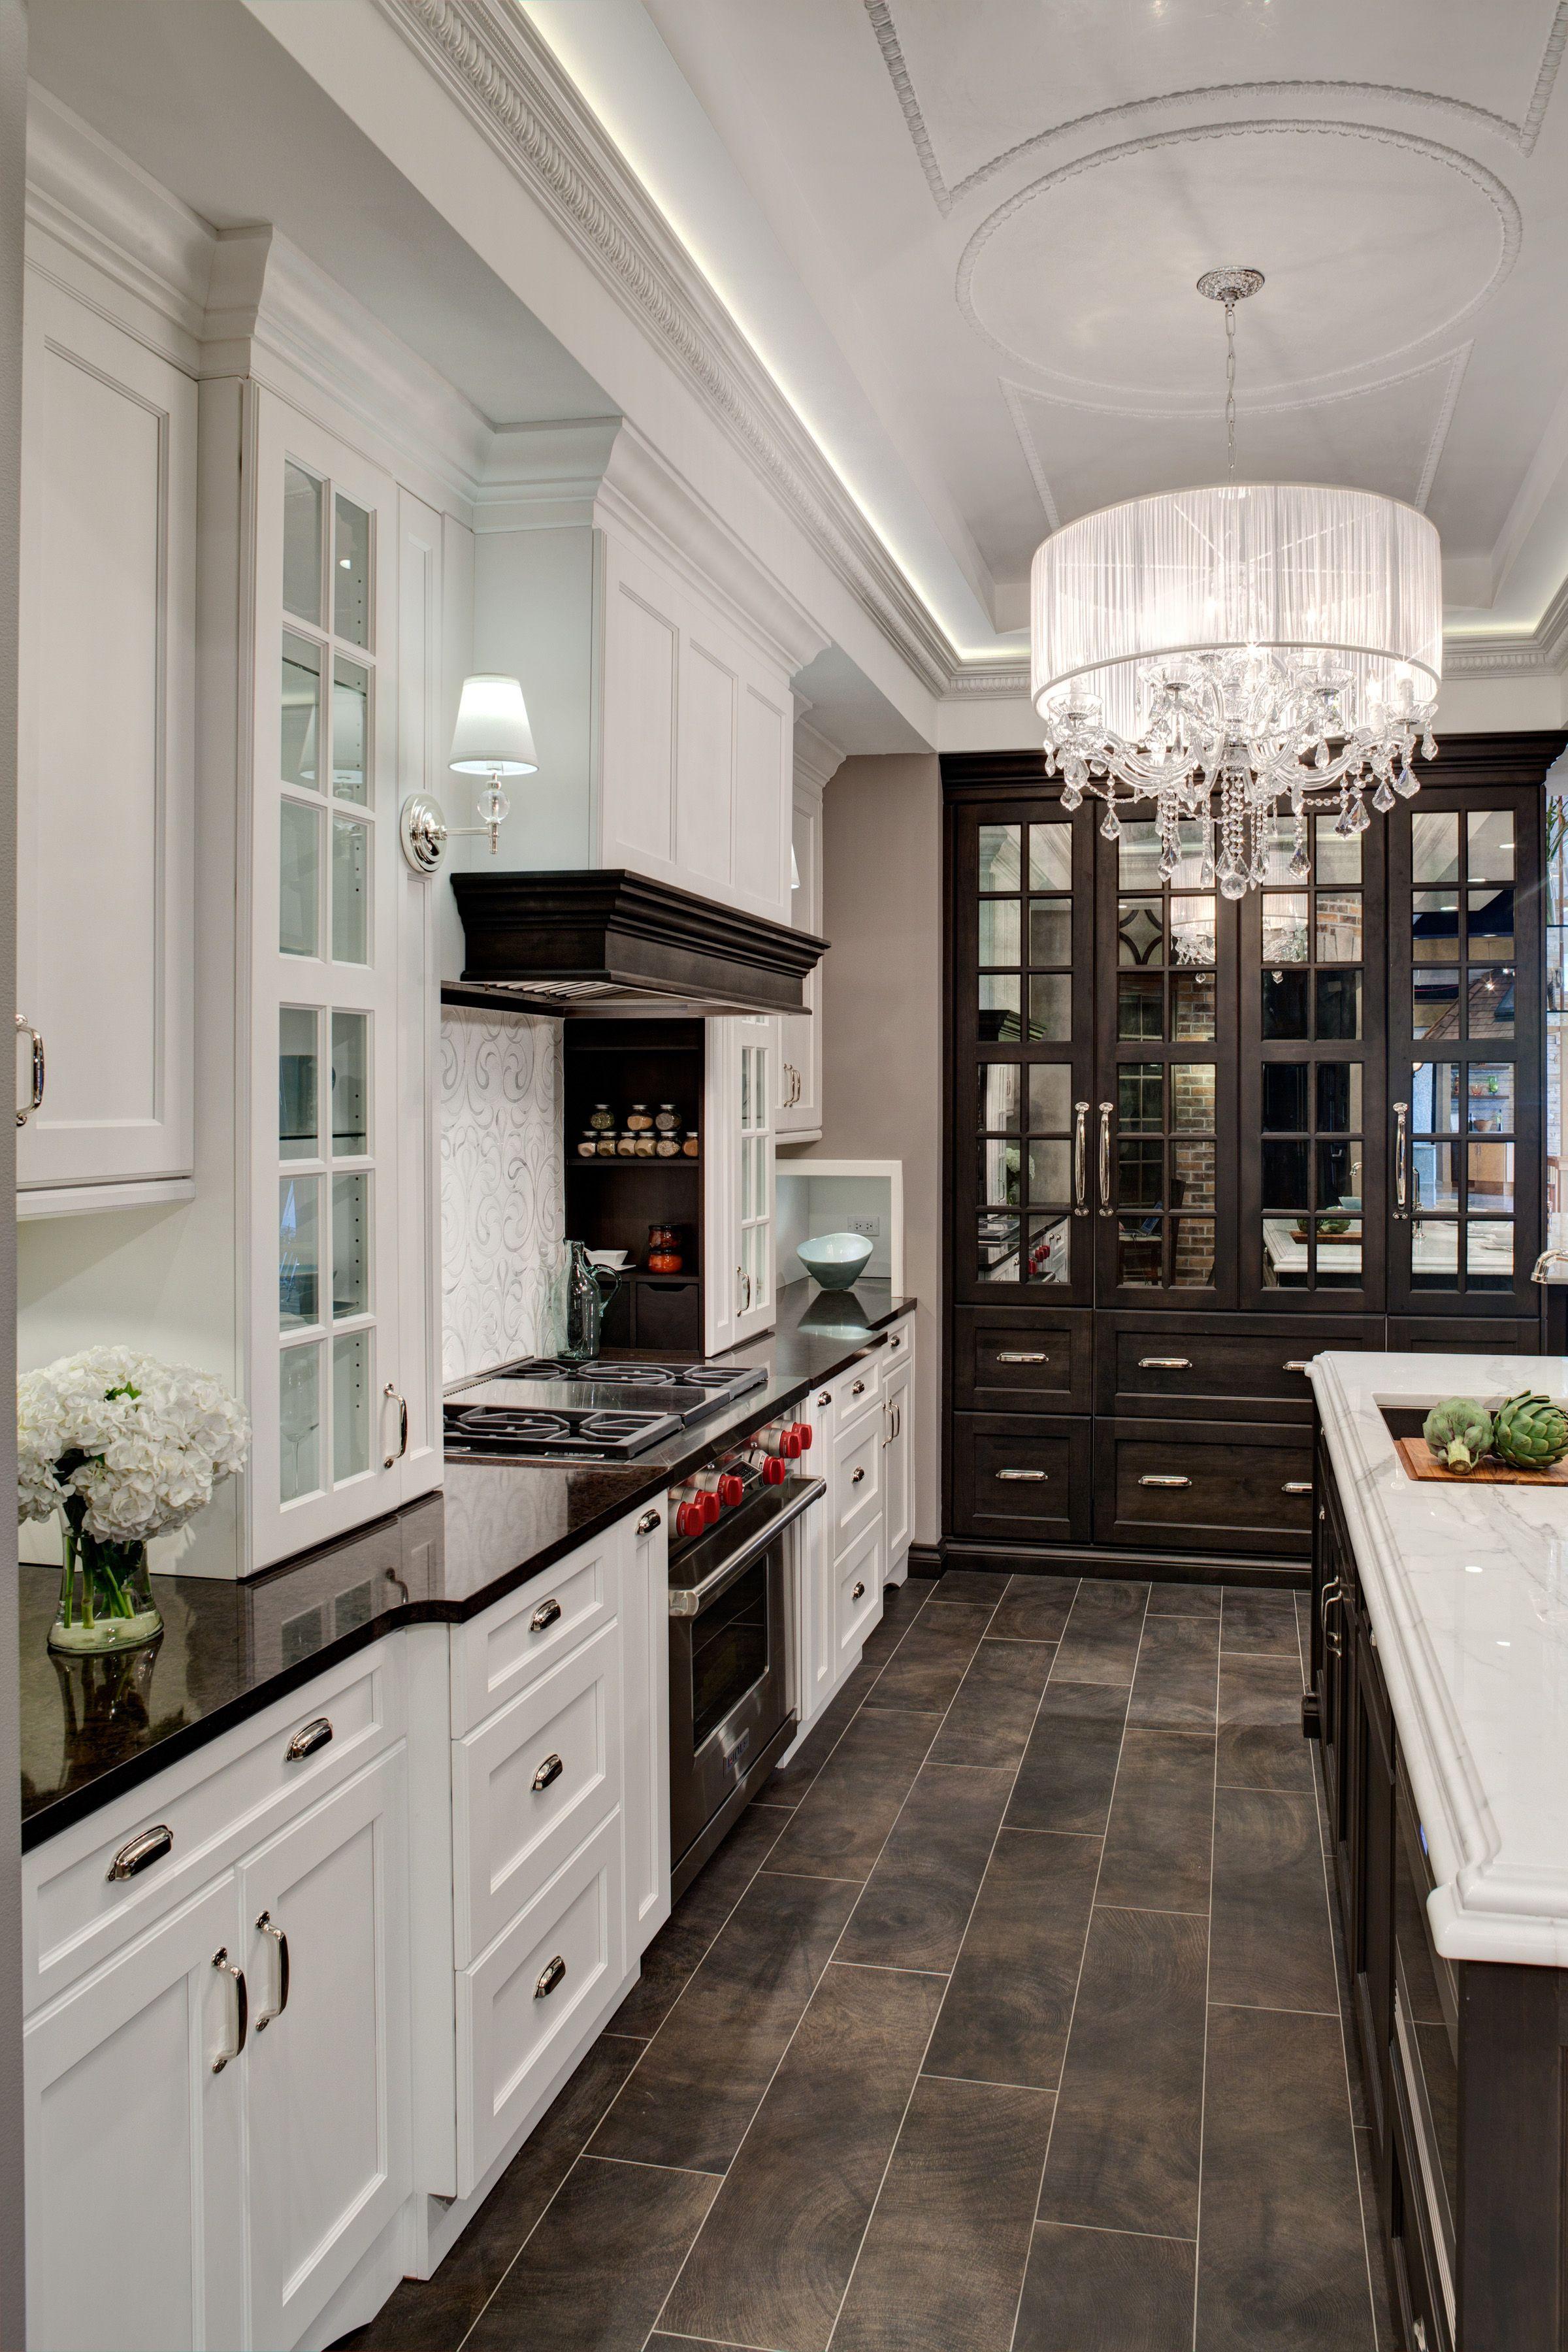 Idee Per La Cucina lincolnwood design showroom kitchen display | interni